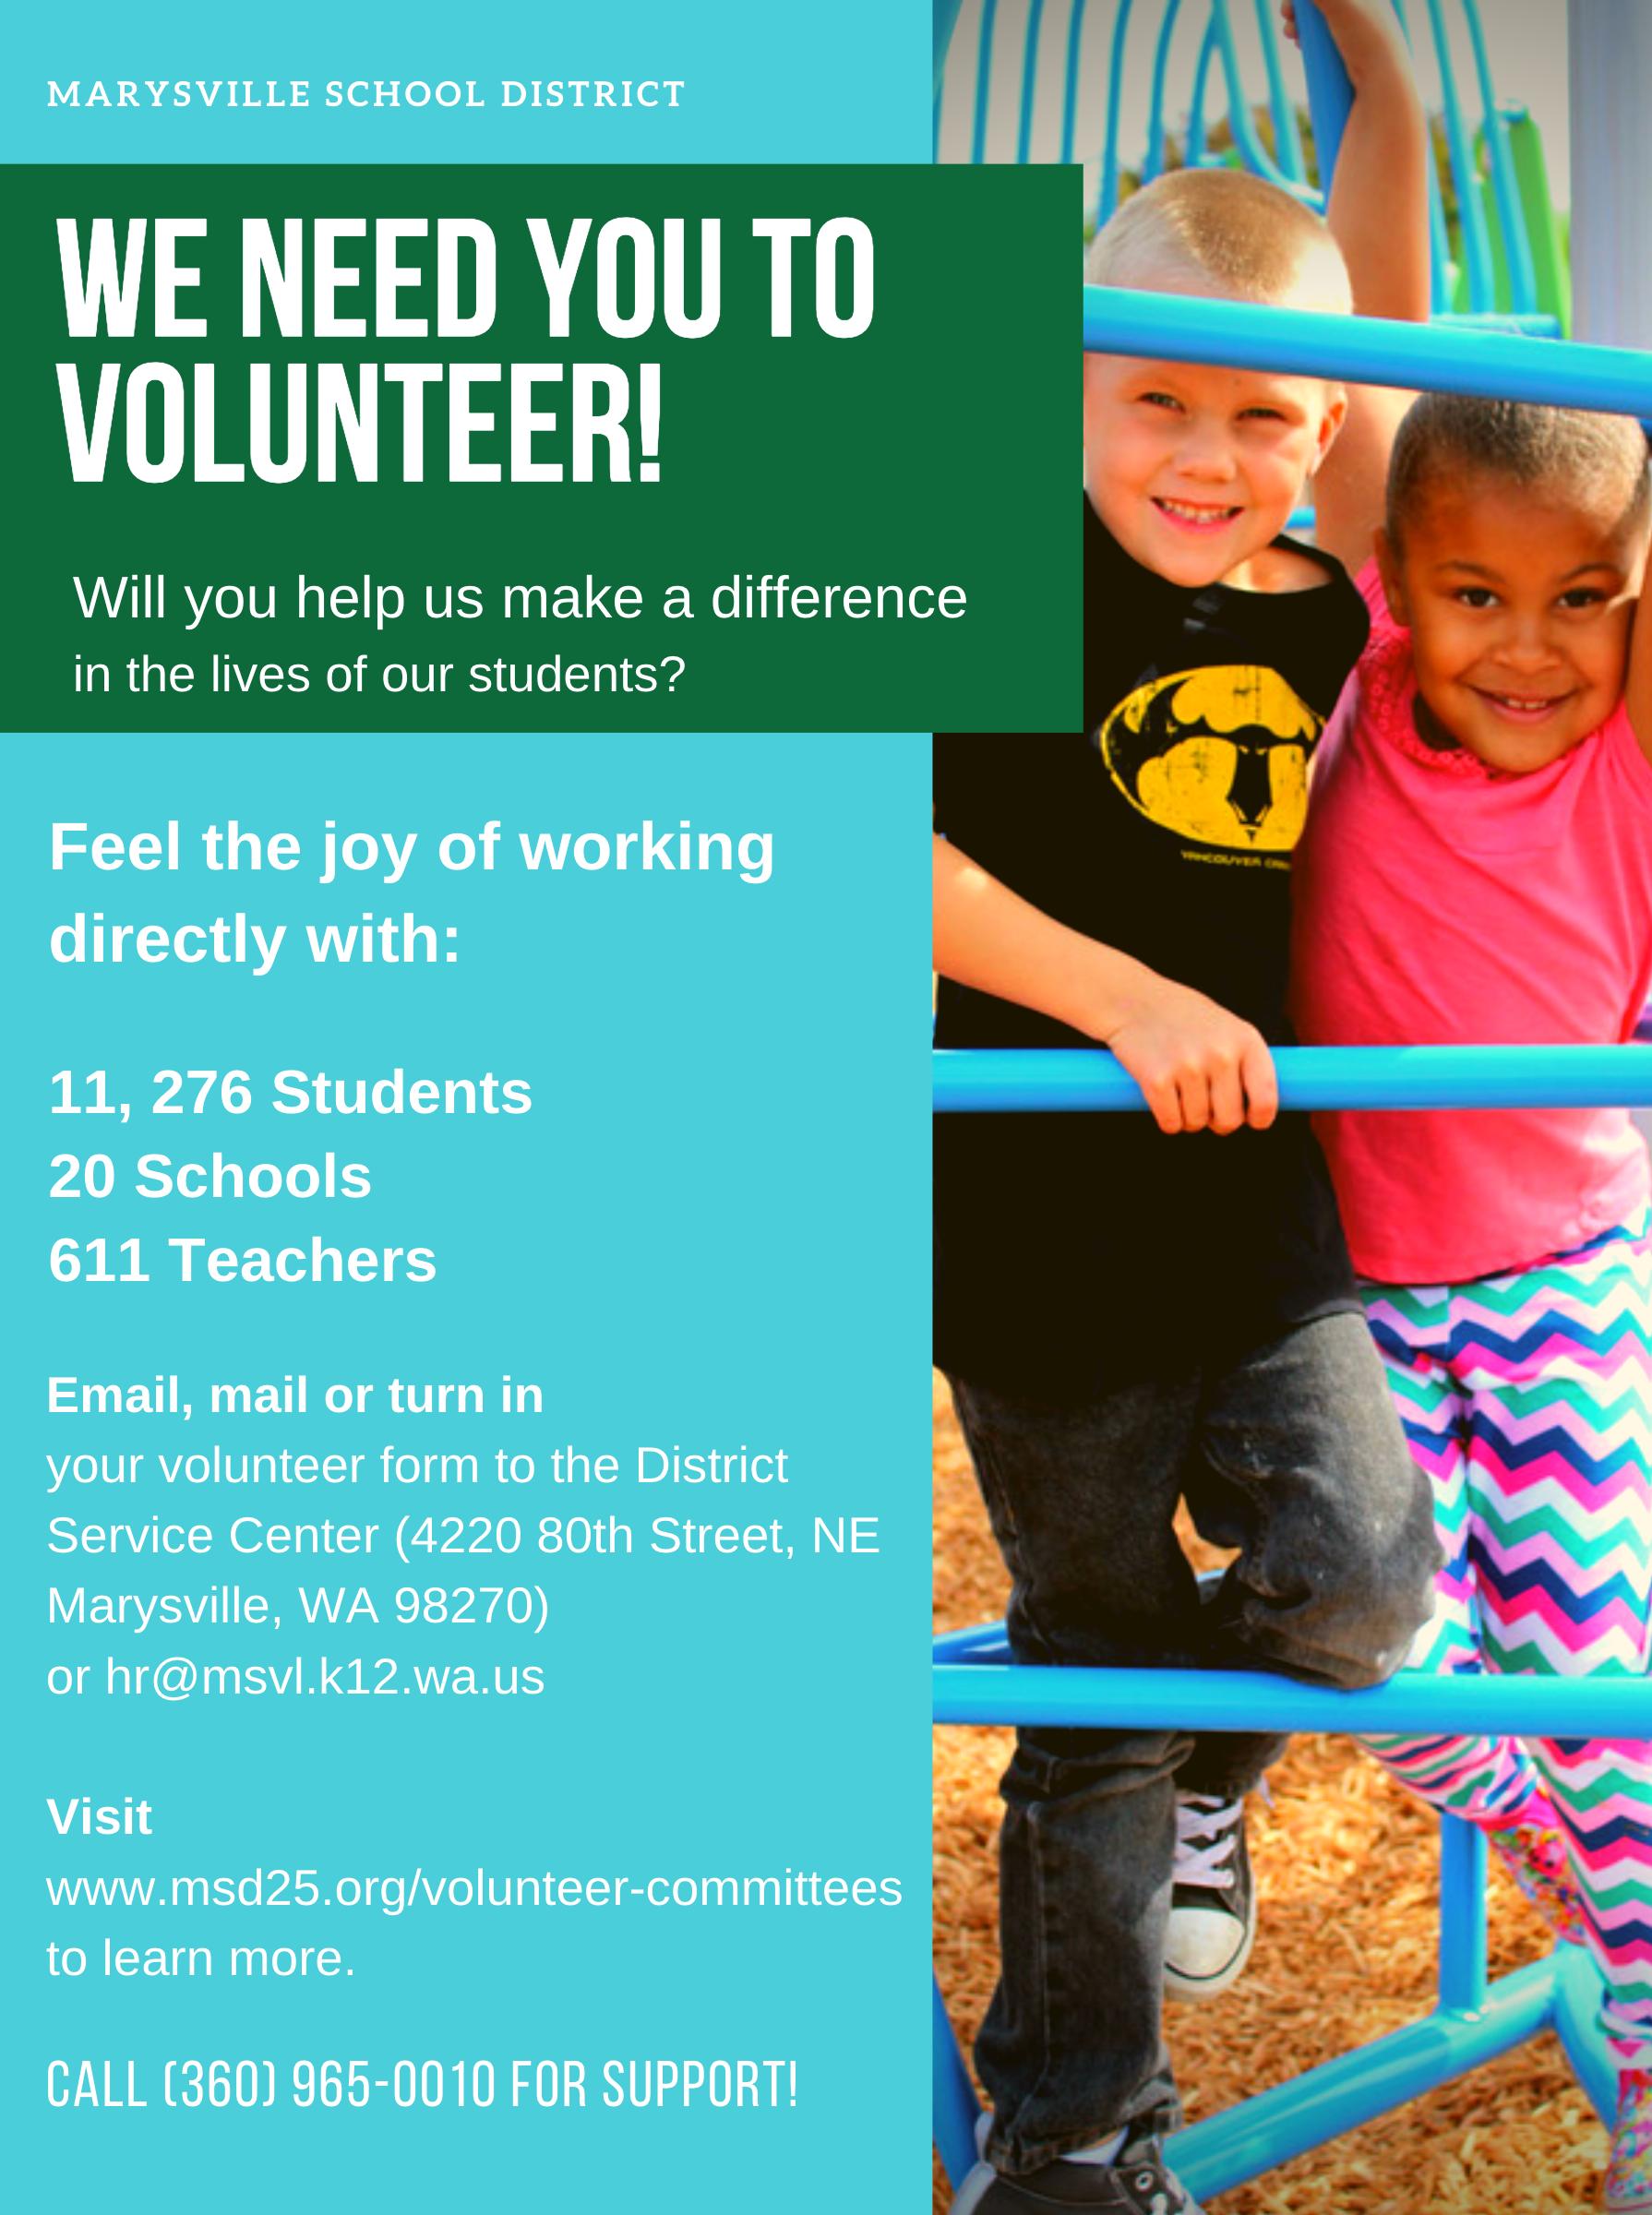 We Need you to Volunteer Flyer